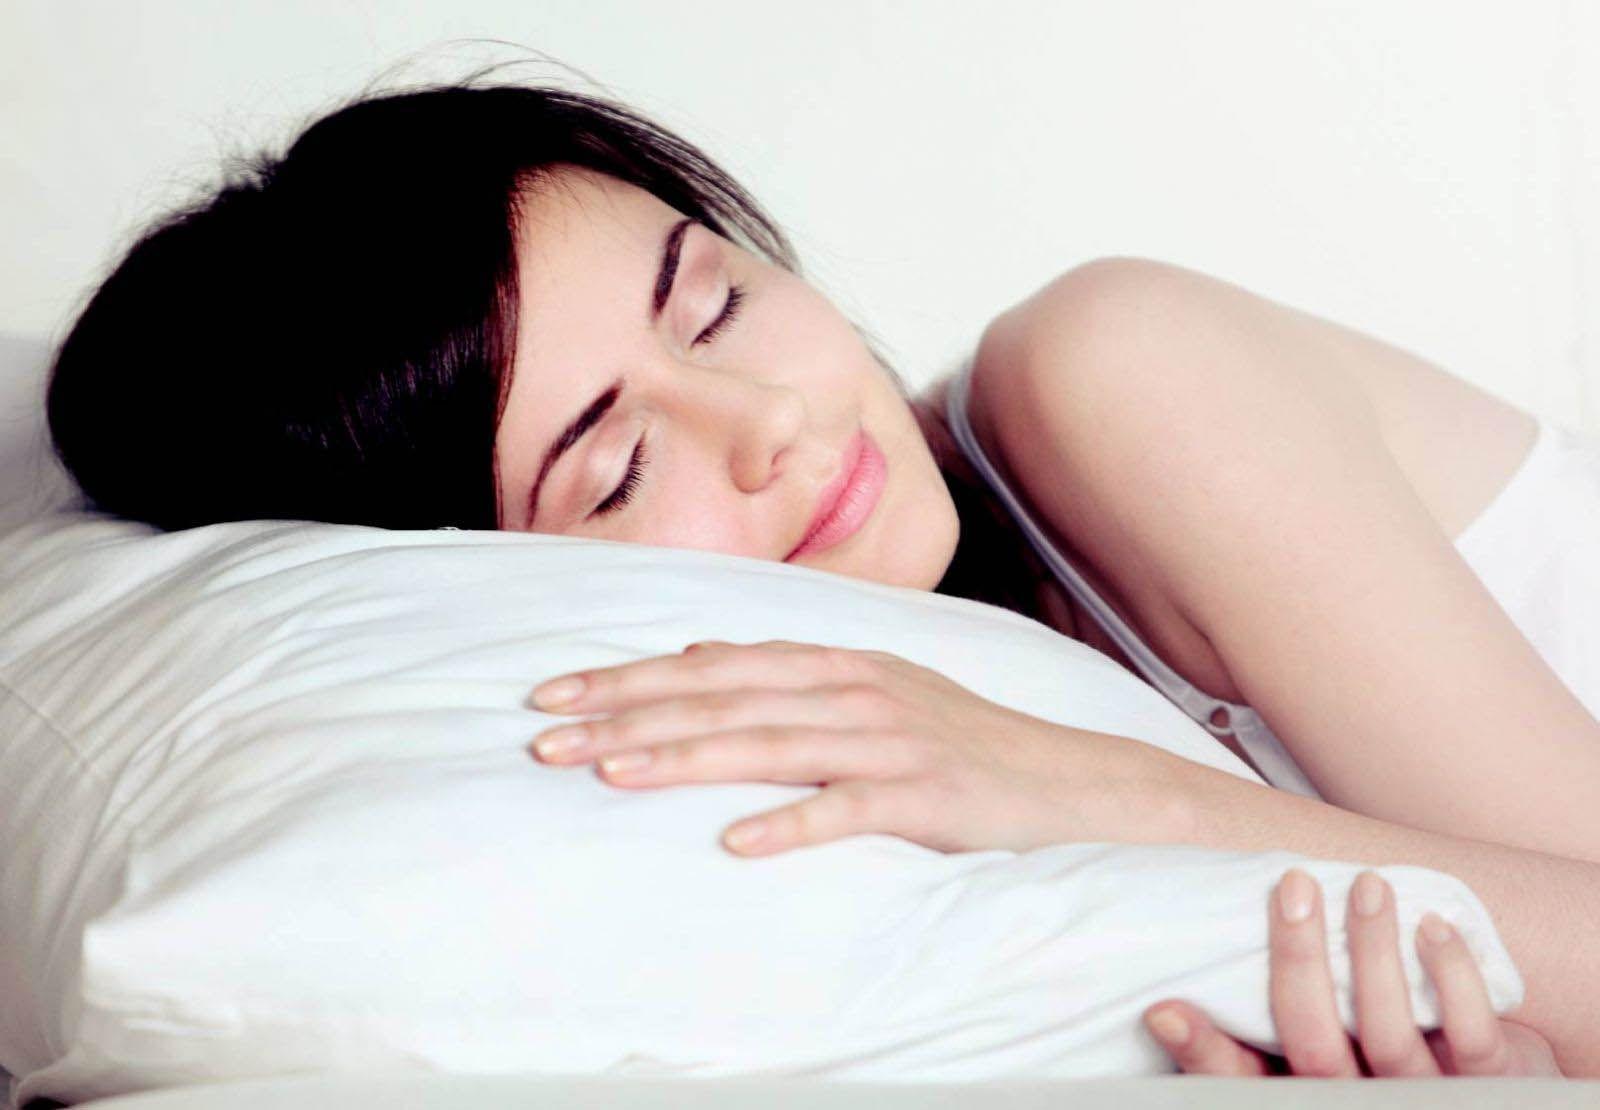 Kê cao đầu bằng gối mềm để làm giảm áp lực cho mắt bị tăng nhãn áp khi nằm